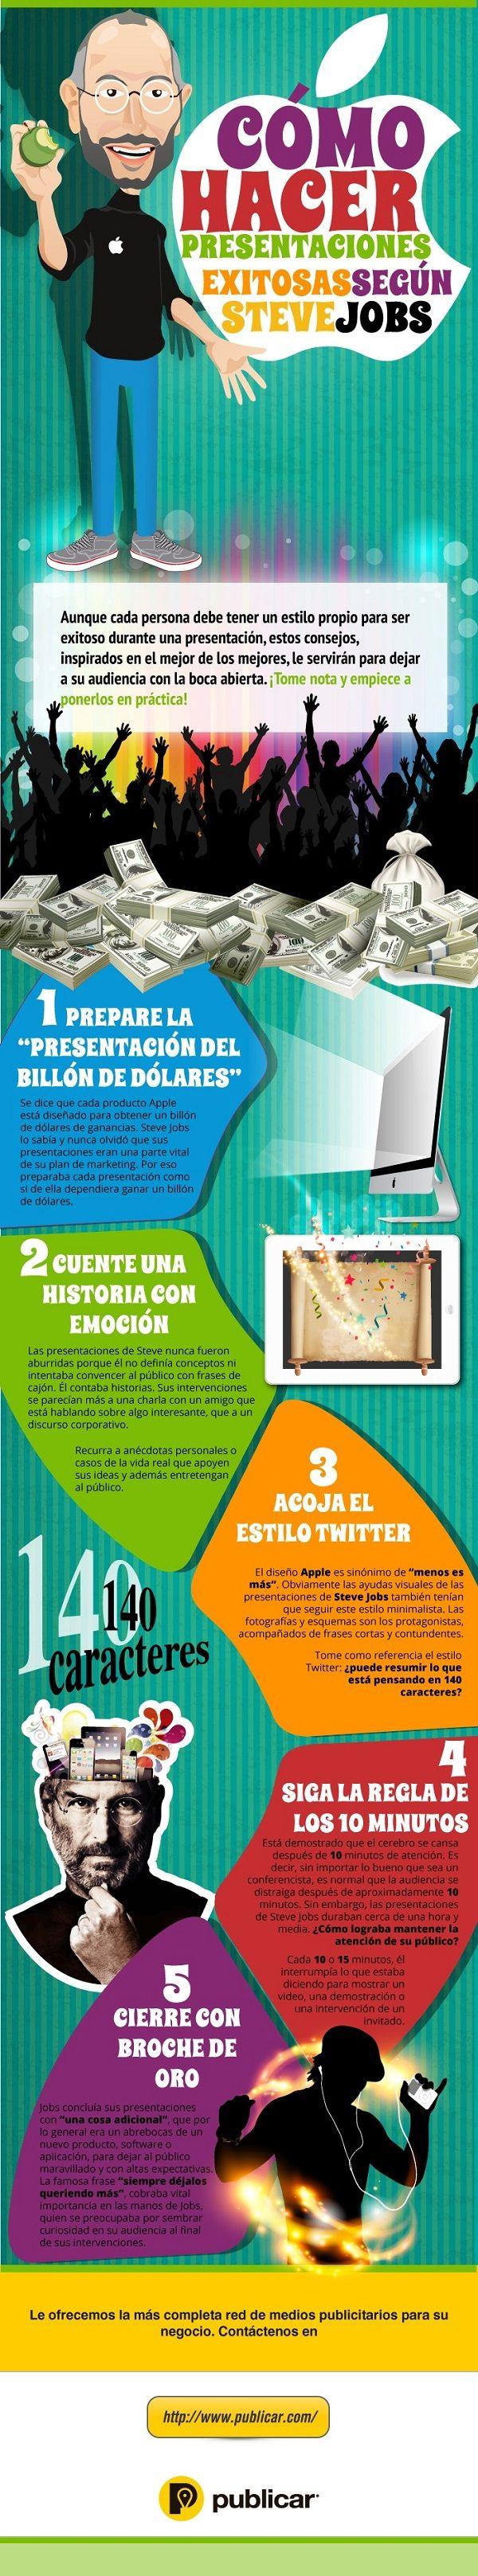 5 Claves para hacer Presentaciones Exitosas según Steve Jobs